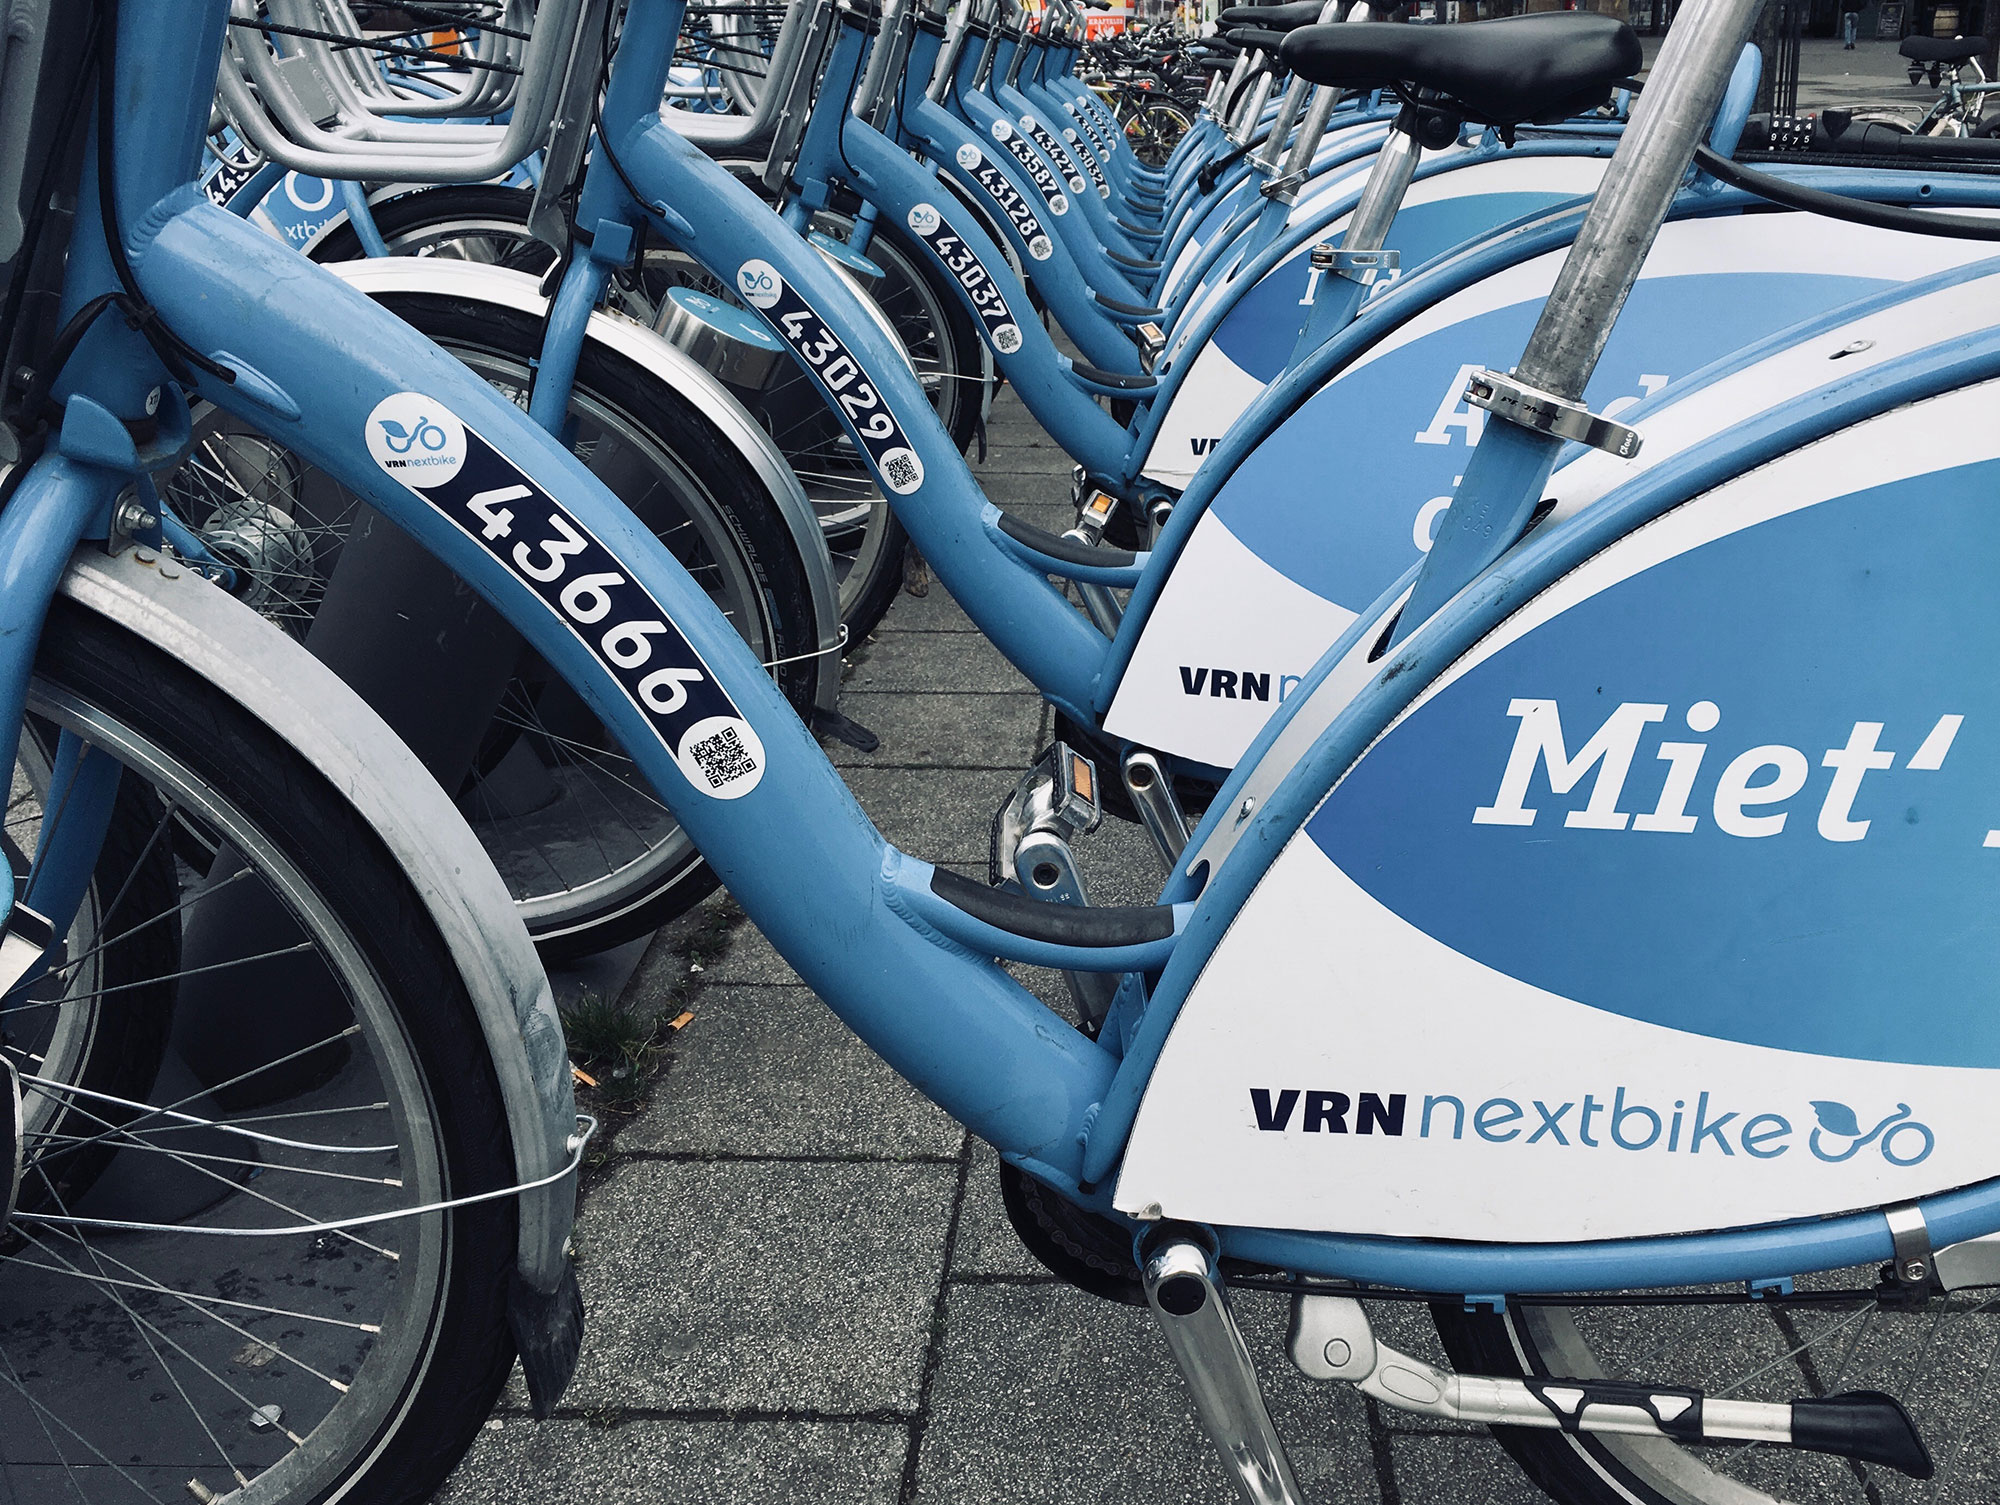 VRN Nextbike Sammelstelle